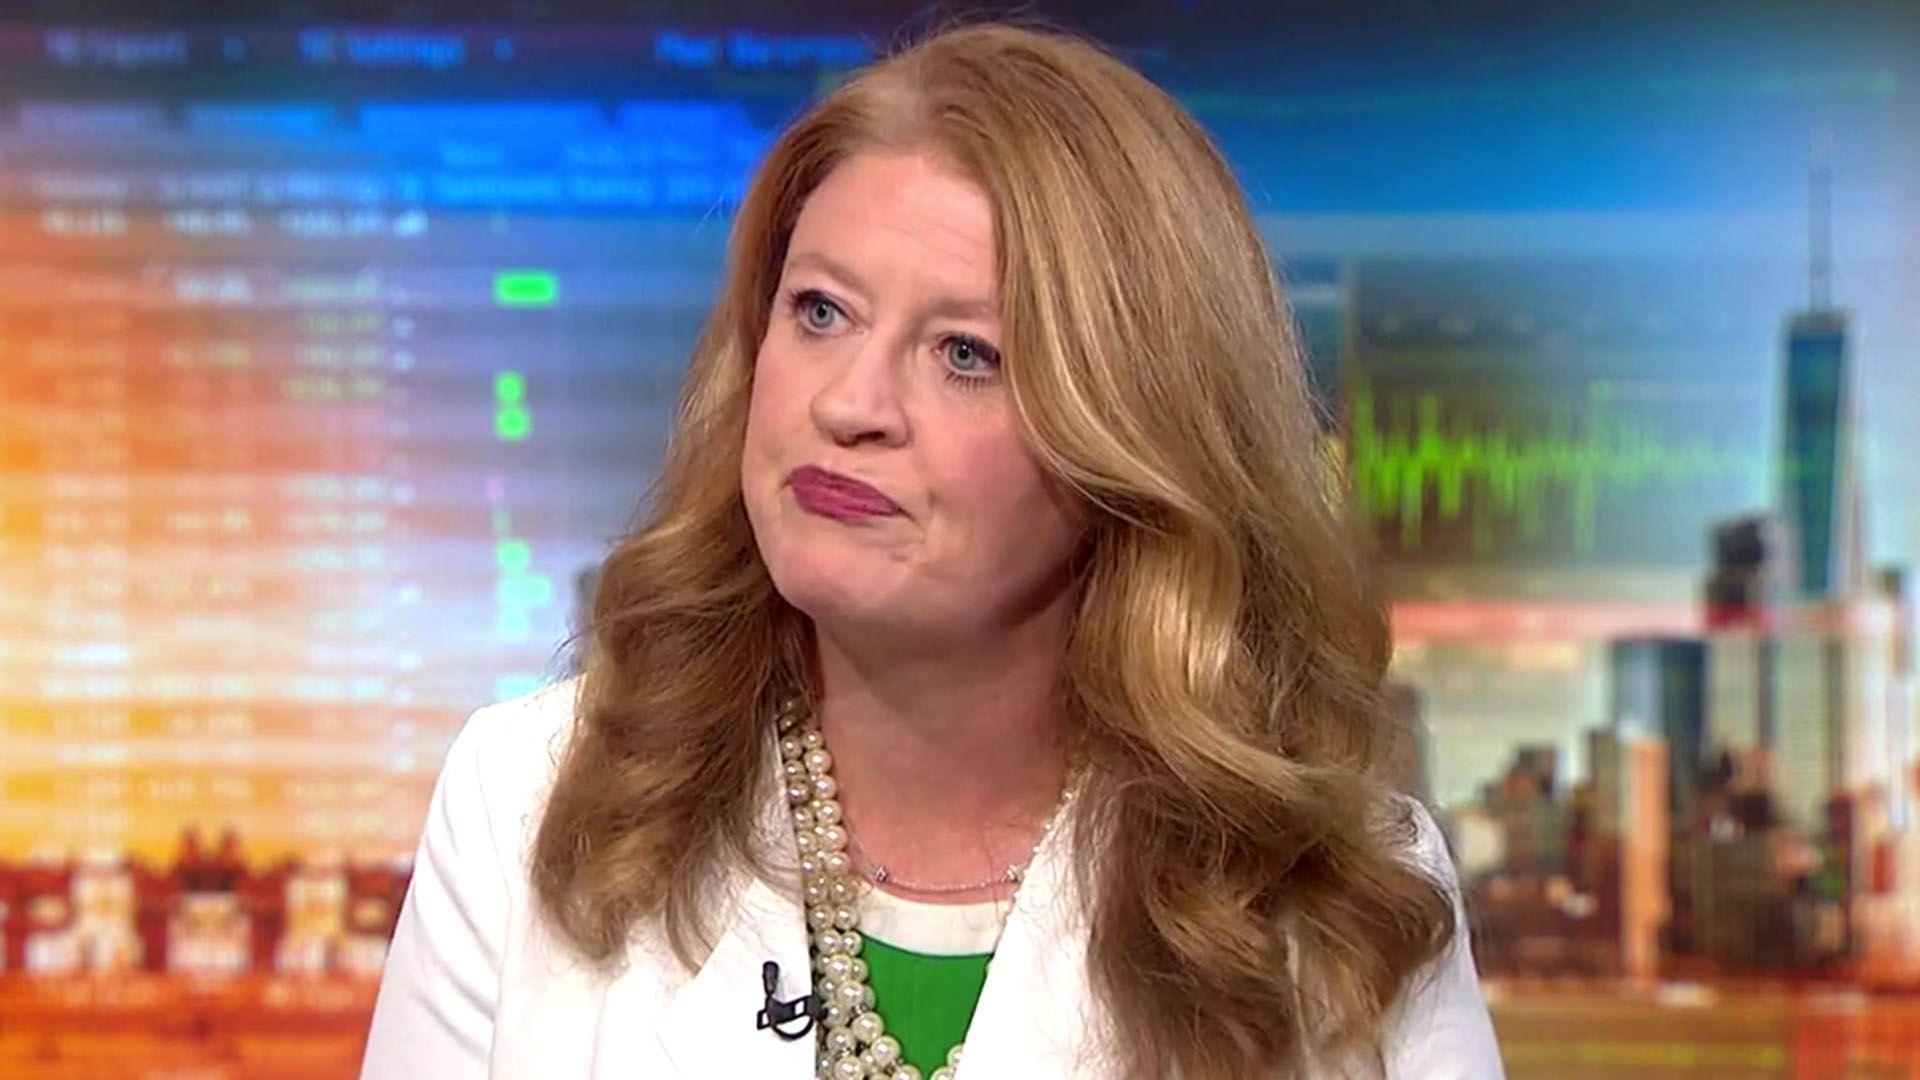 Siobhan Morden de Amherst Pierpont Securities dice que se avanzó muy poco durante la semana pasada en las reuniones con acreedores